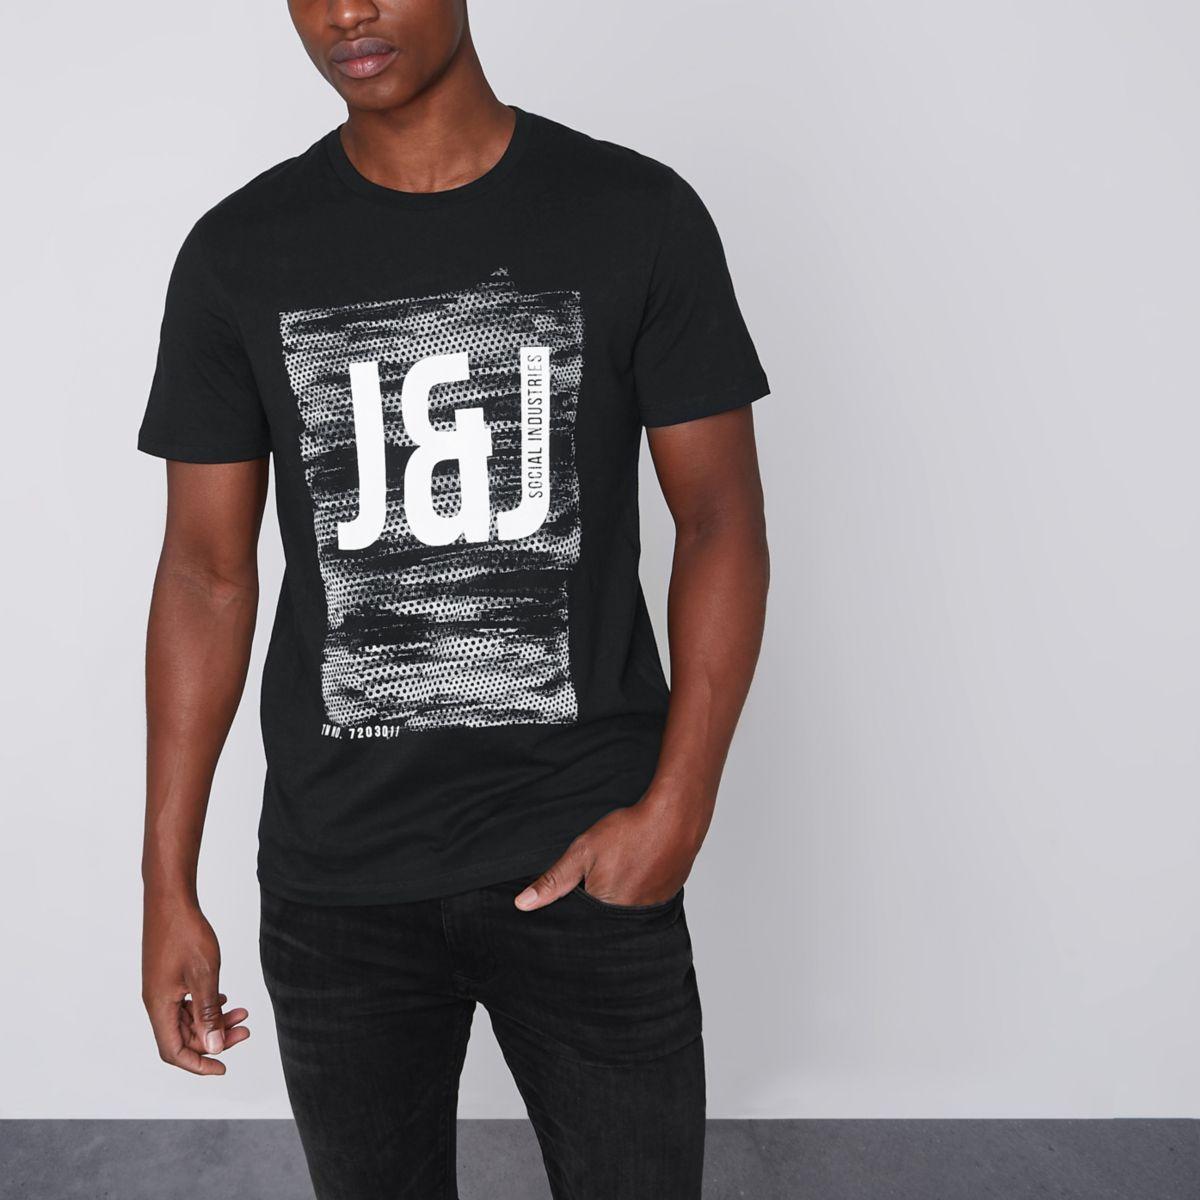 Jack & Jones ‒ Schwarzes, bedrucktes T-Shirt